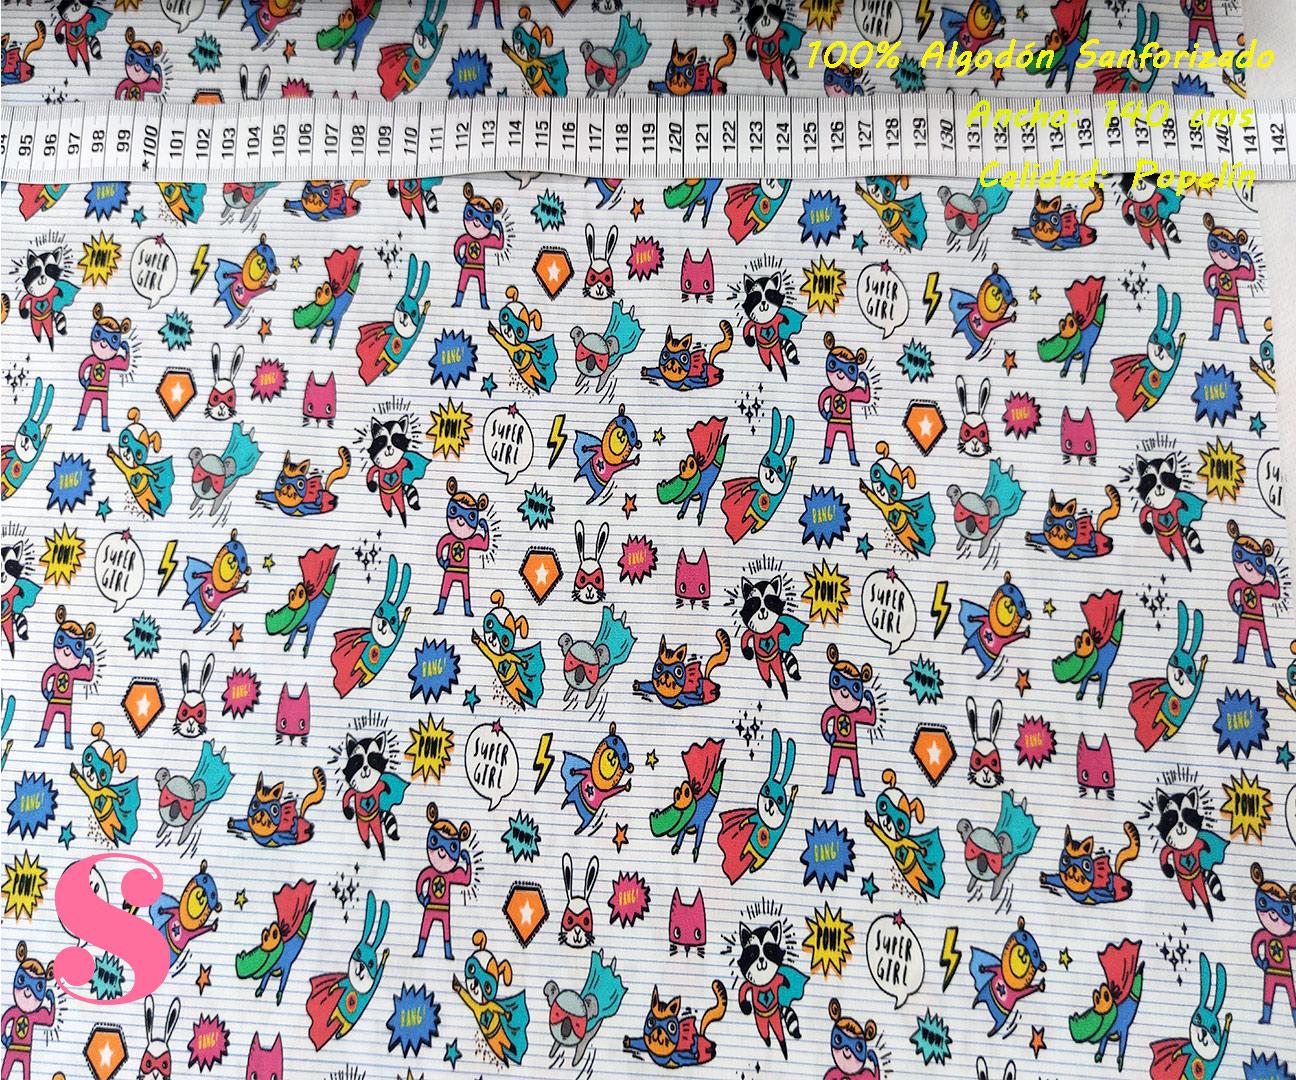 435-conejitos-superheroes-tejidos-estampado-popelin-sanforizado,Tejido Algodón Estampado Conejitos SuperHéroes